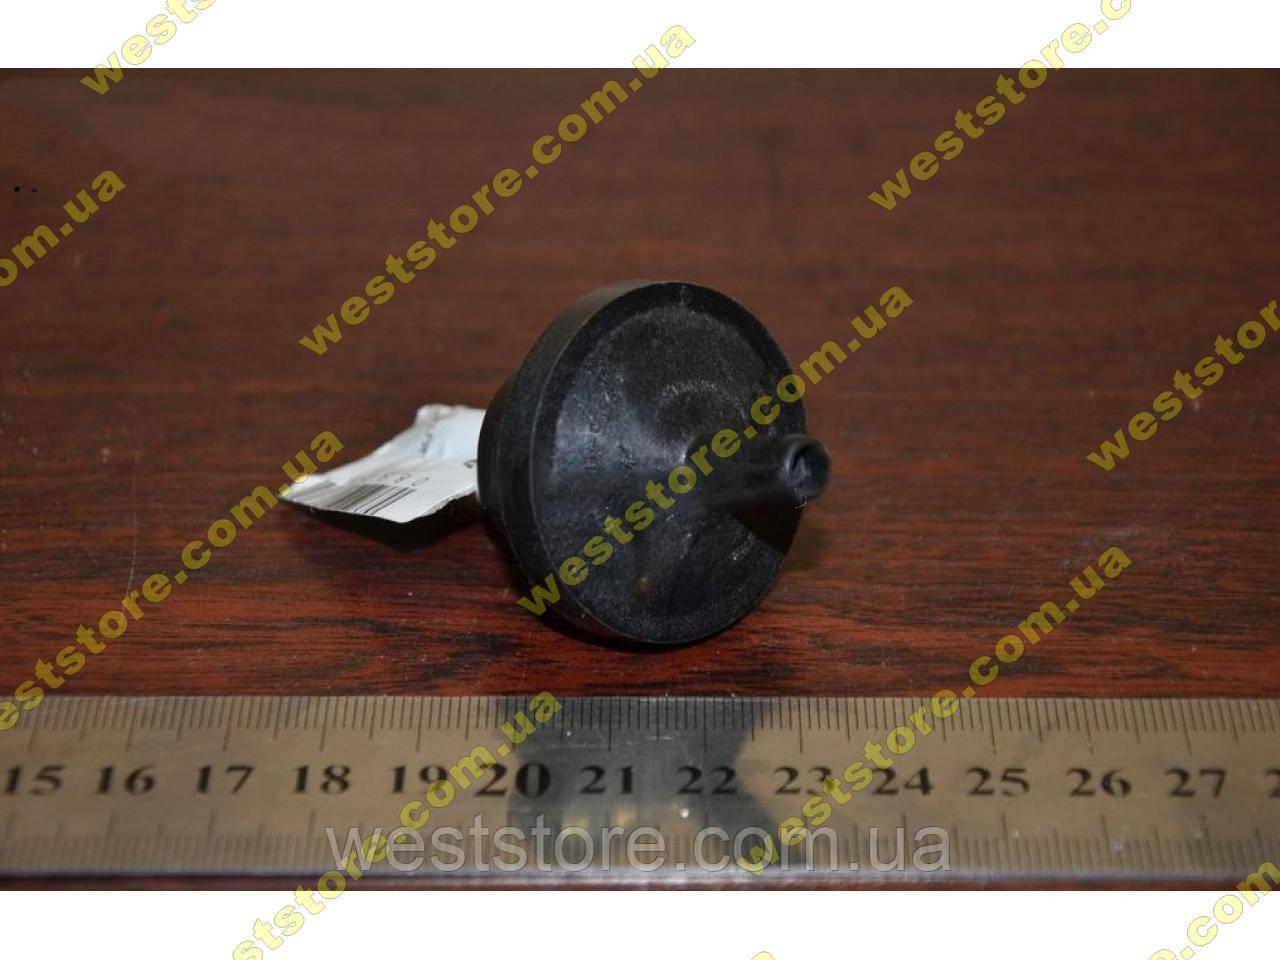 Клапан обратный бензобака Ваз 2105 2108 2109 2110 ДААЗ пластмассовый черный